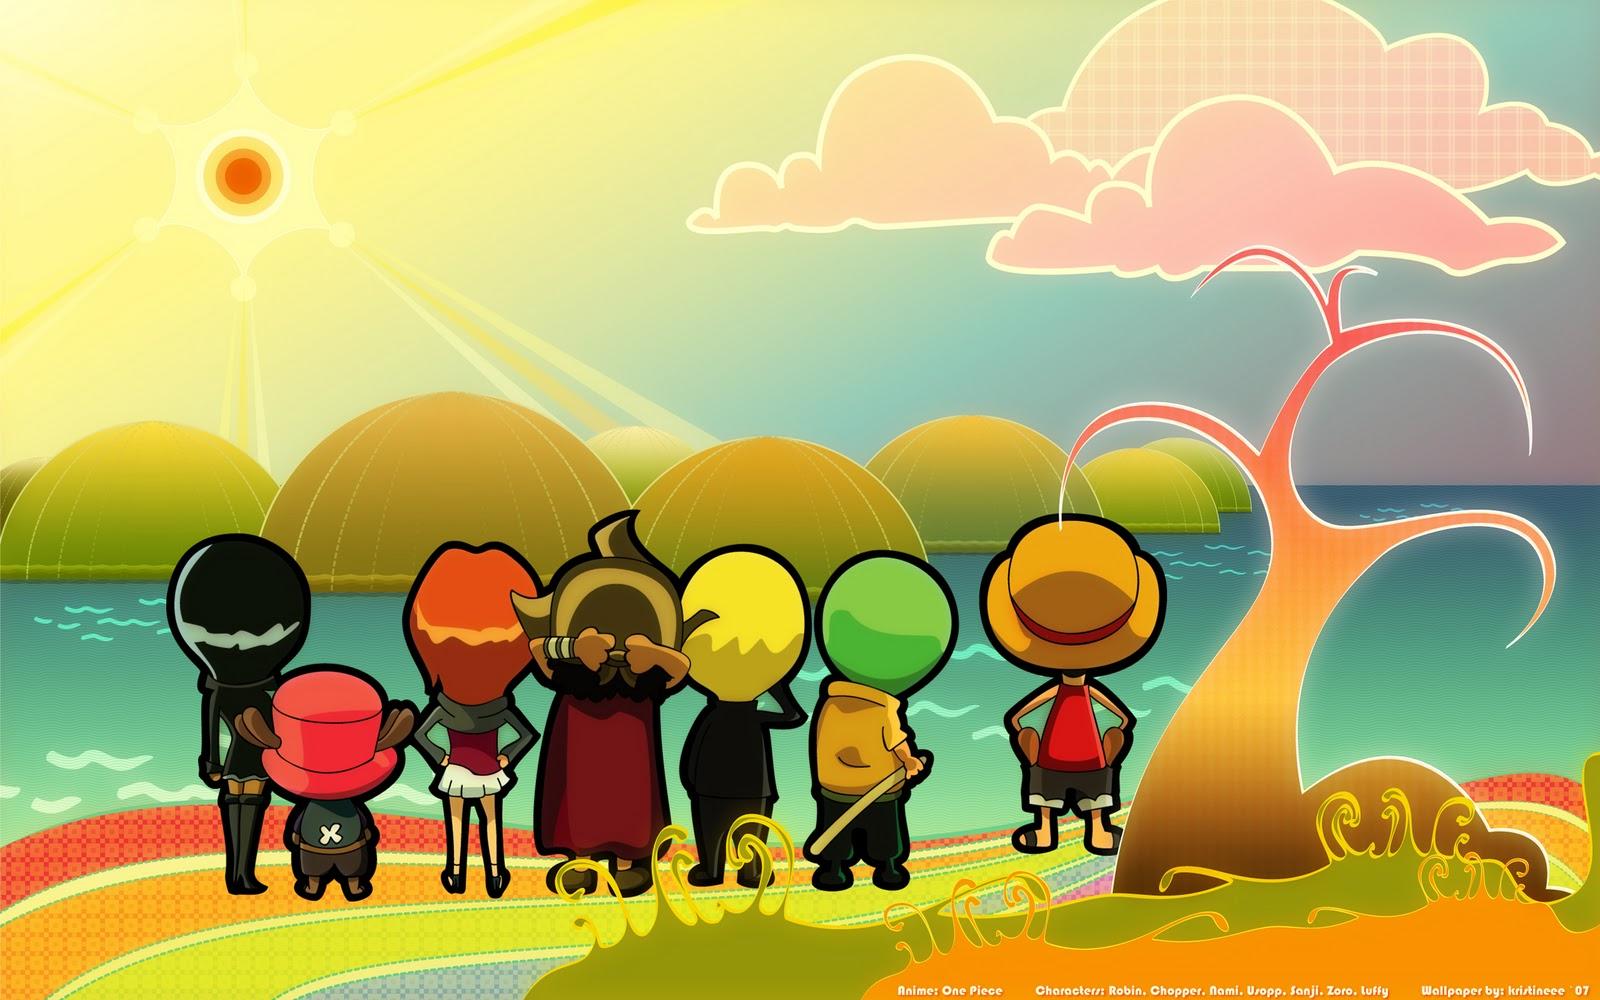 http://2.bp.blogspot.com/-kVyihlj0hLo/TuQvxohU-OI/AAAAAAAAA4w/84n5RMI-0-8/s1600/One-Piece-Wallpapers-052.jpg